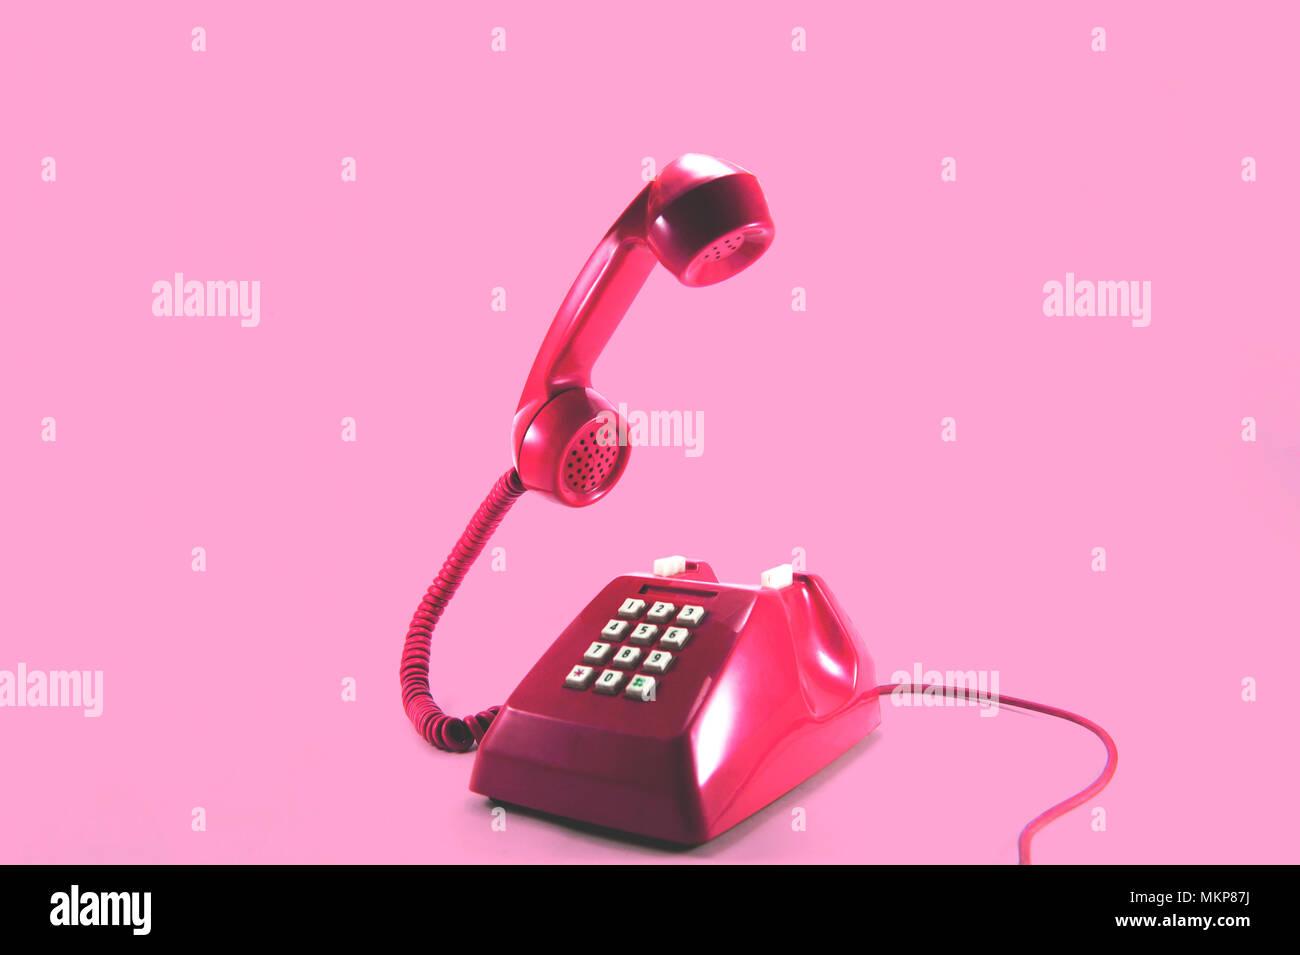 Retrò Telefono Rosa Su Sfondo Rosa Pop Art Style Foto Immagine